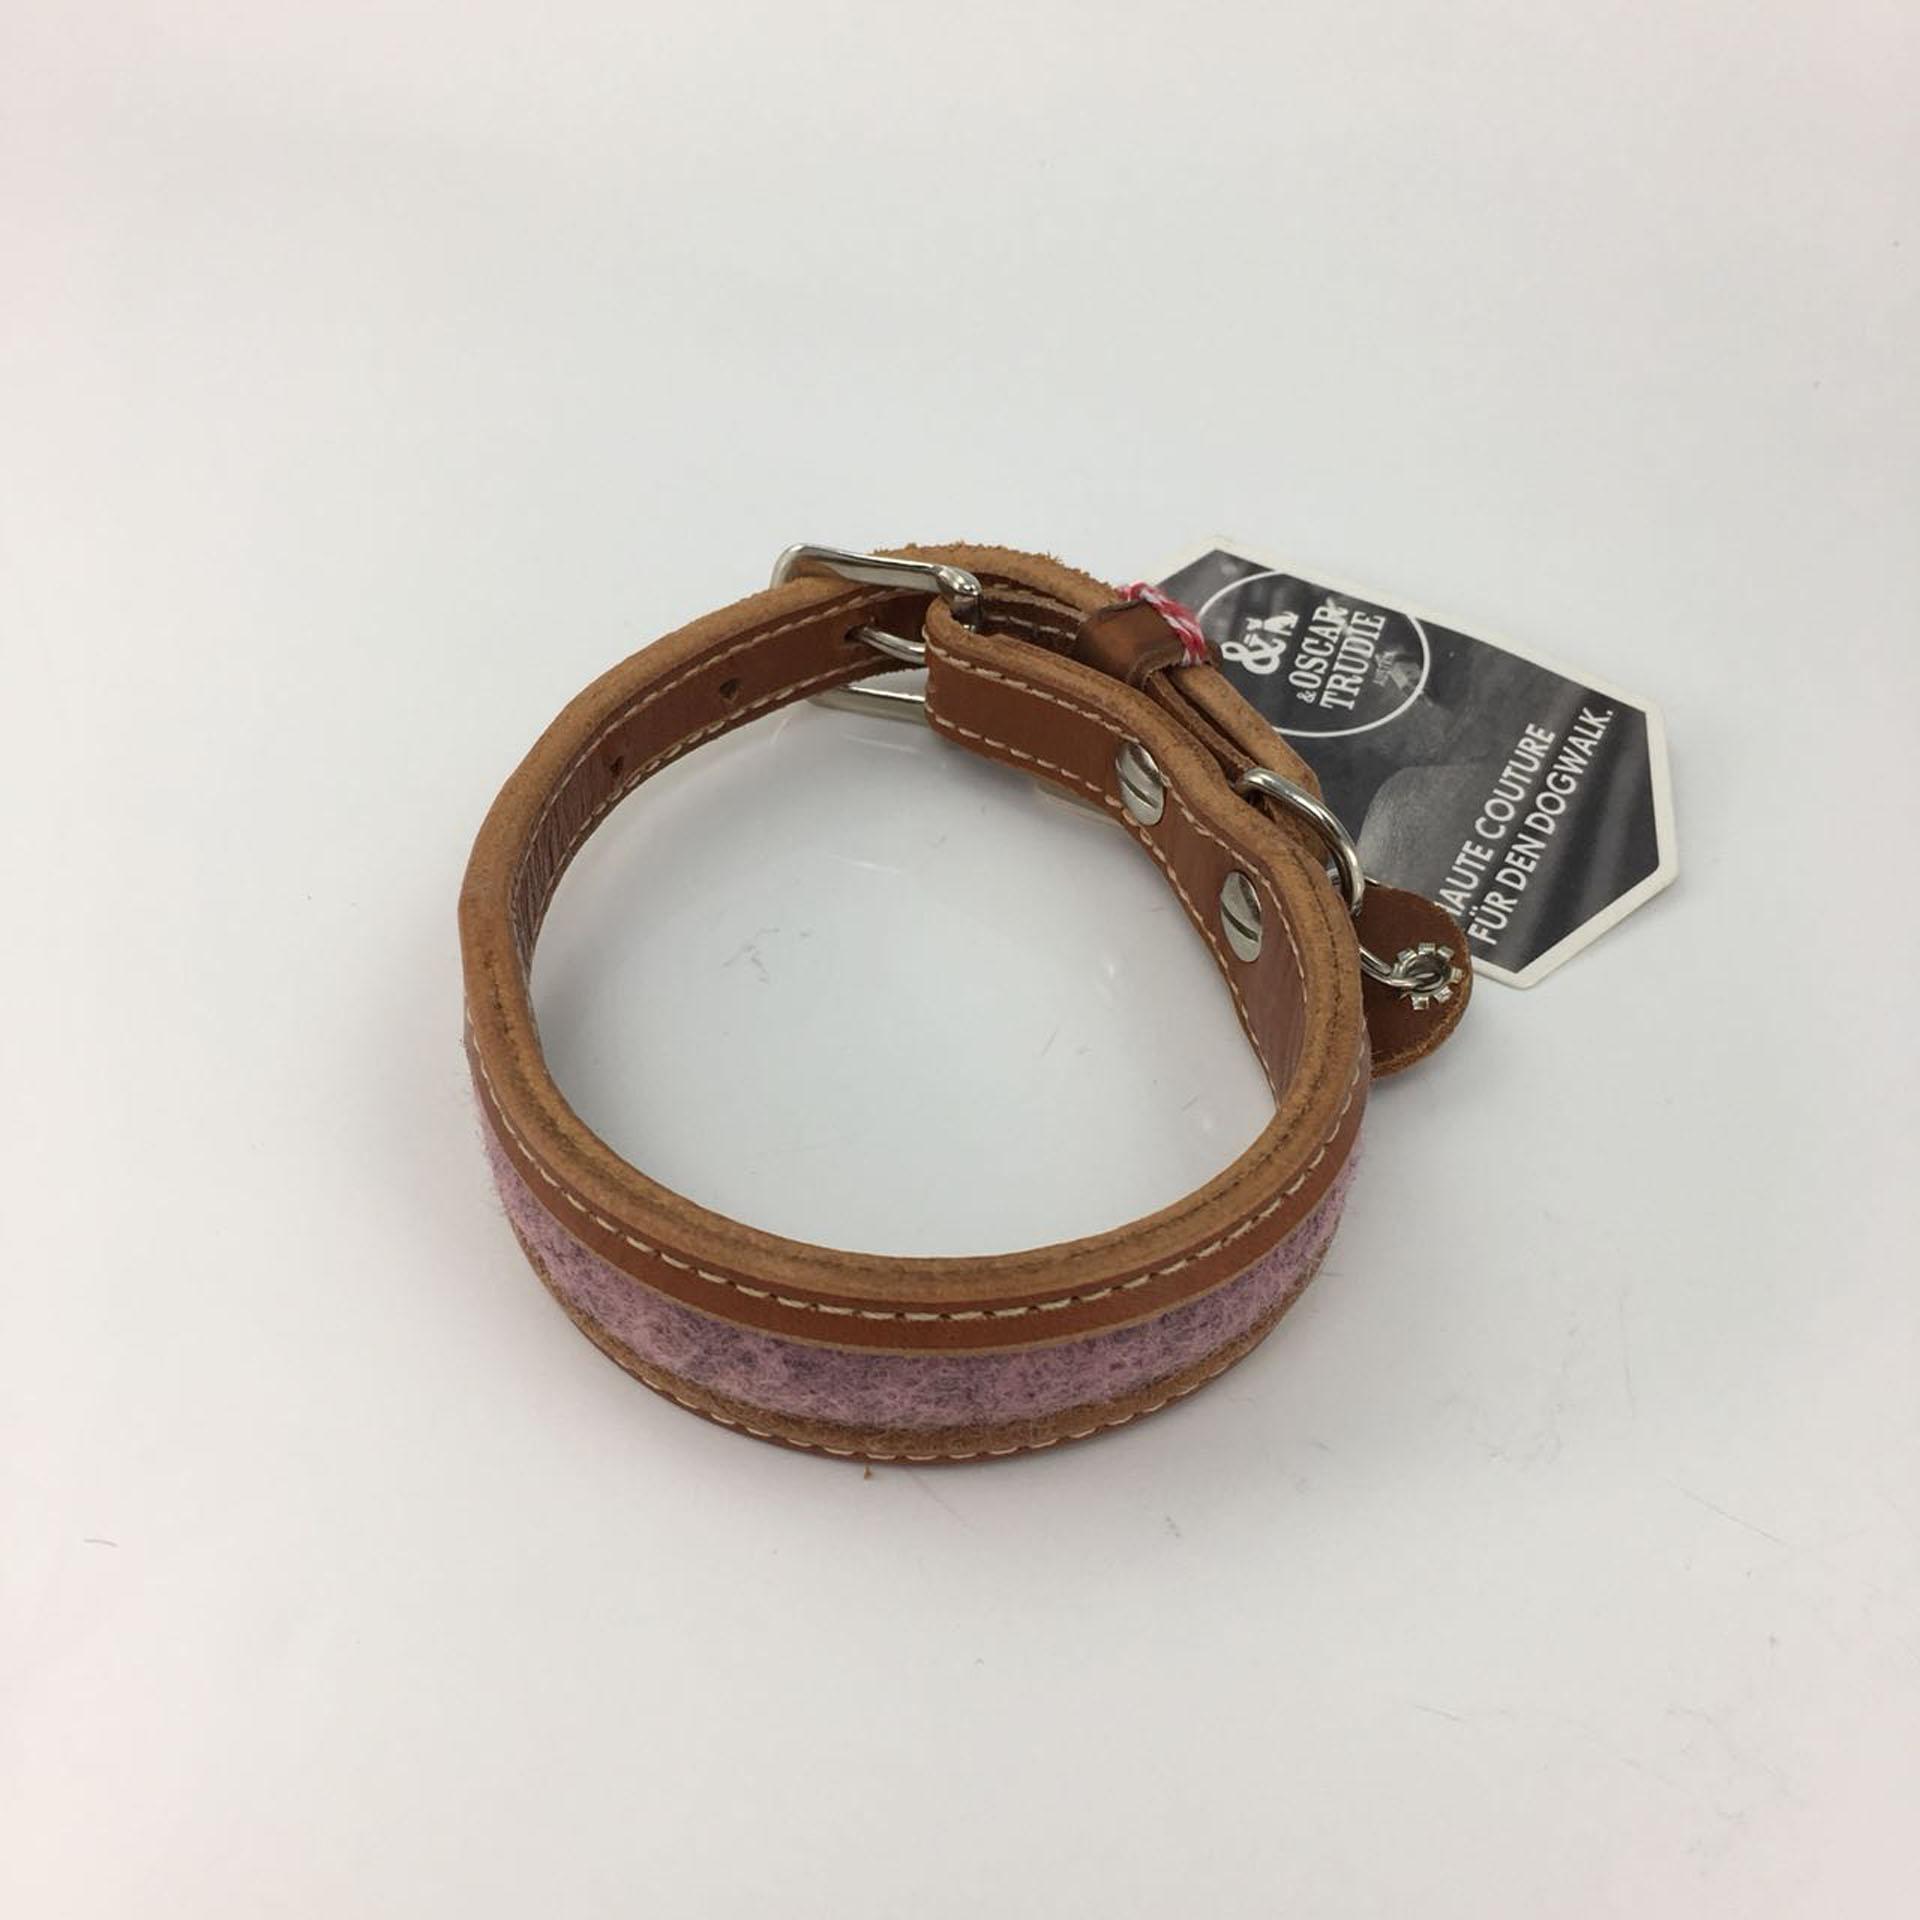 Hundehalsband-oscar-trudie-flieder